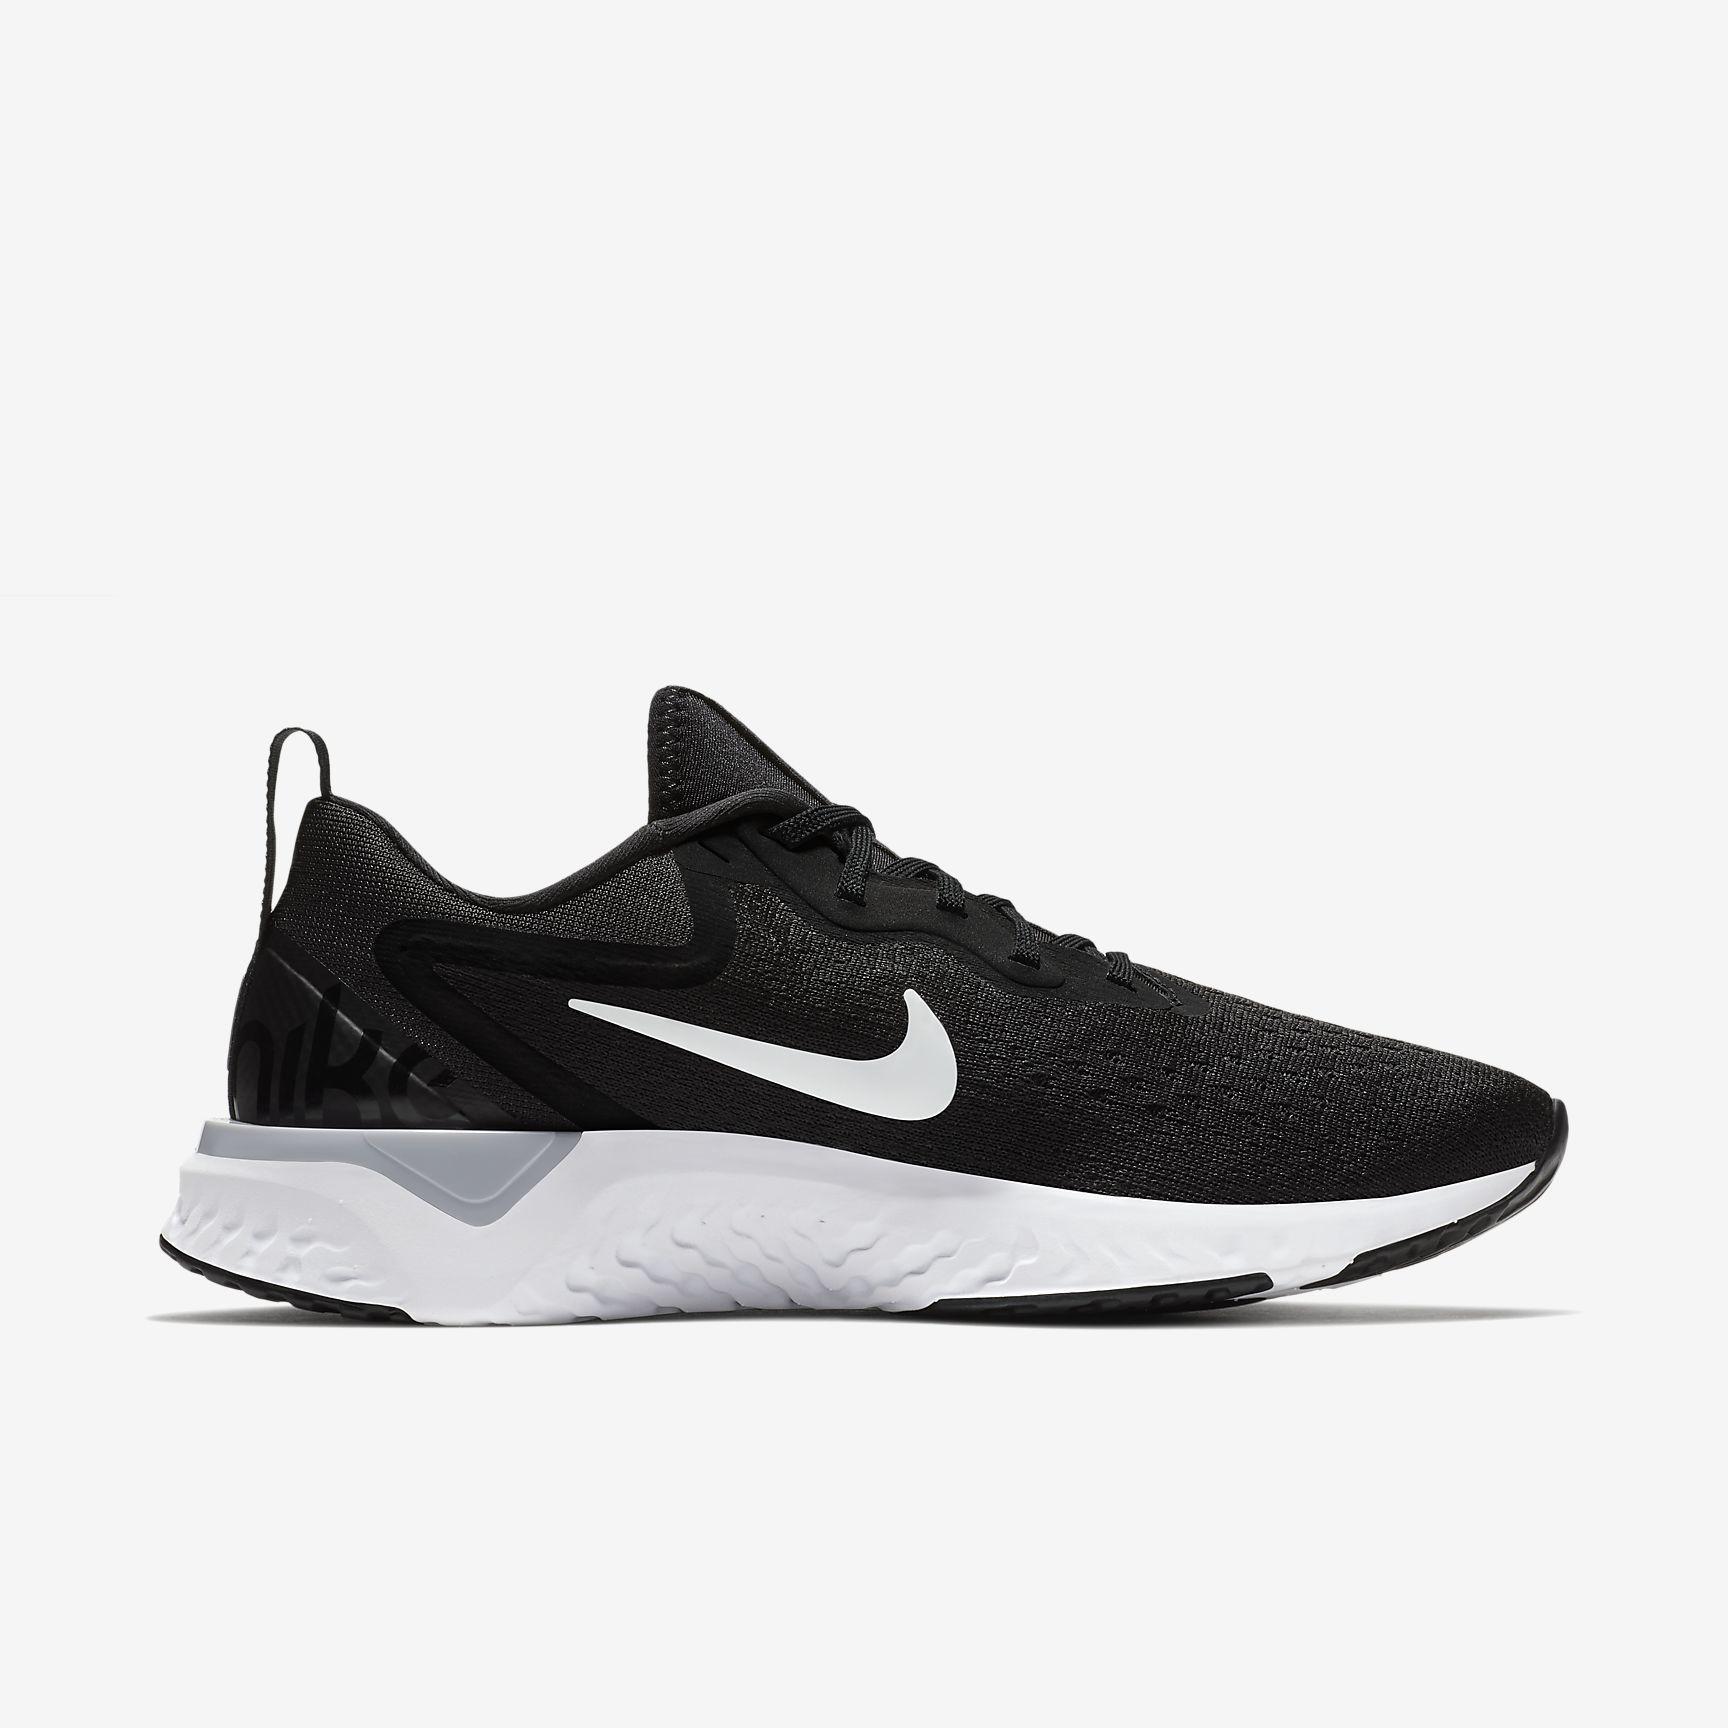 Nike Odyssey React in Schwarz Weiß